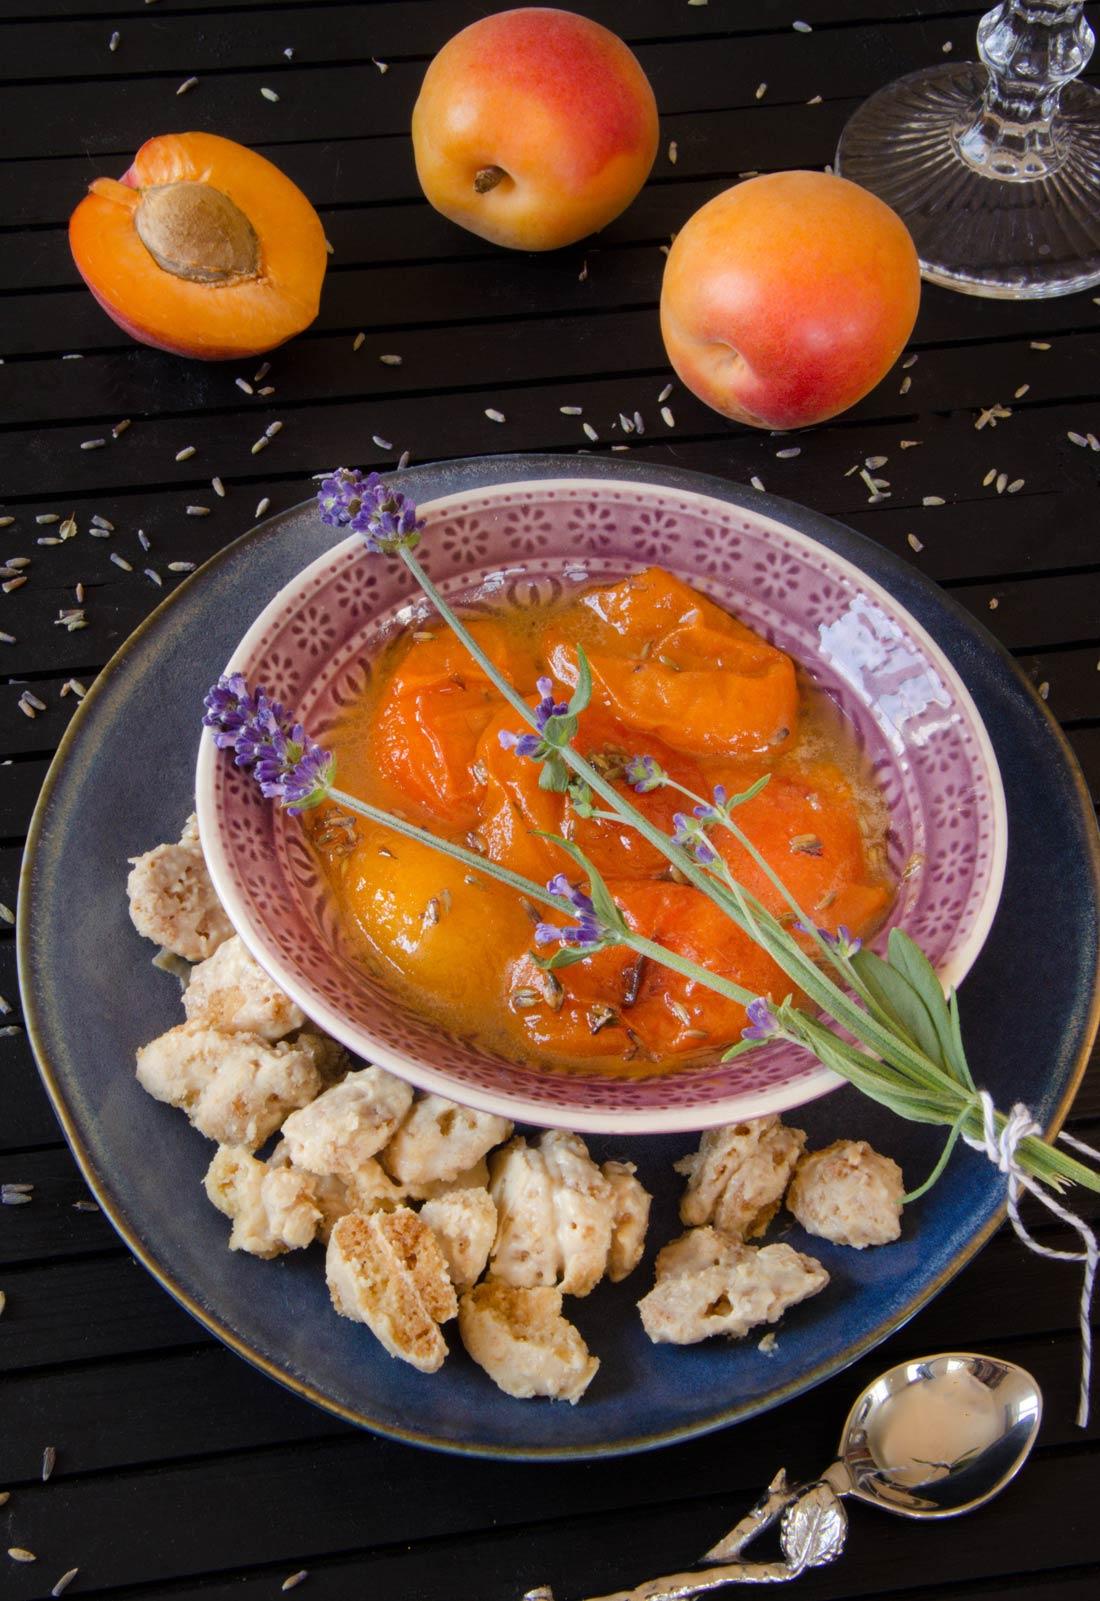 Recette d'abricots rôtis lavande miel servi avec un crumble au chocolat blanc